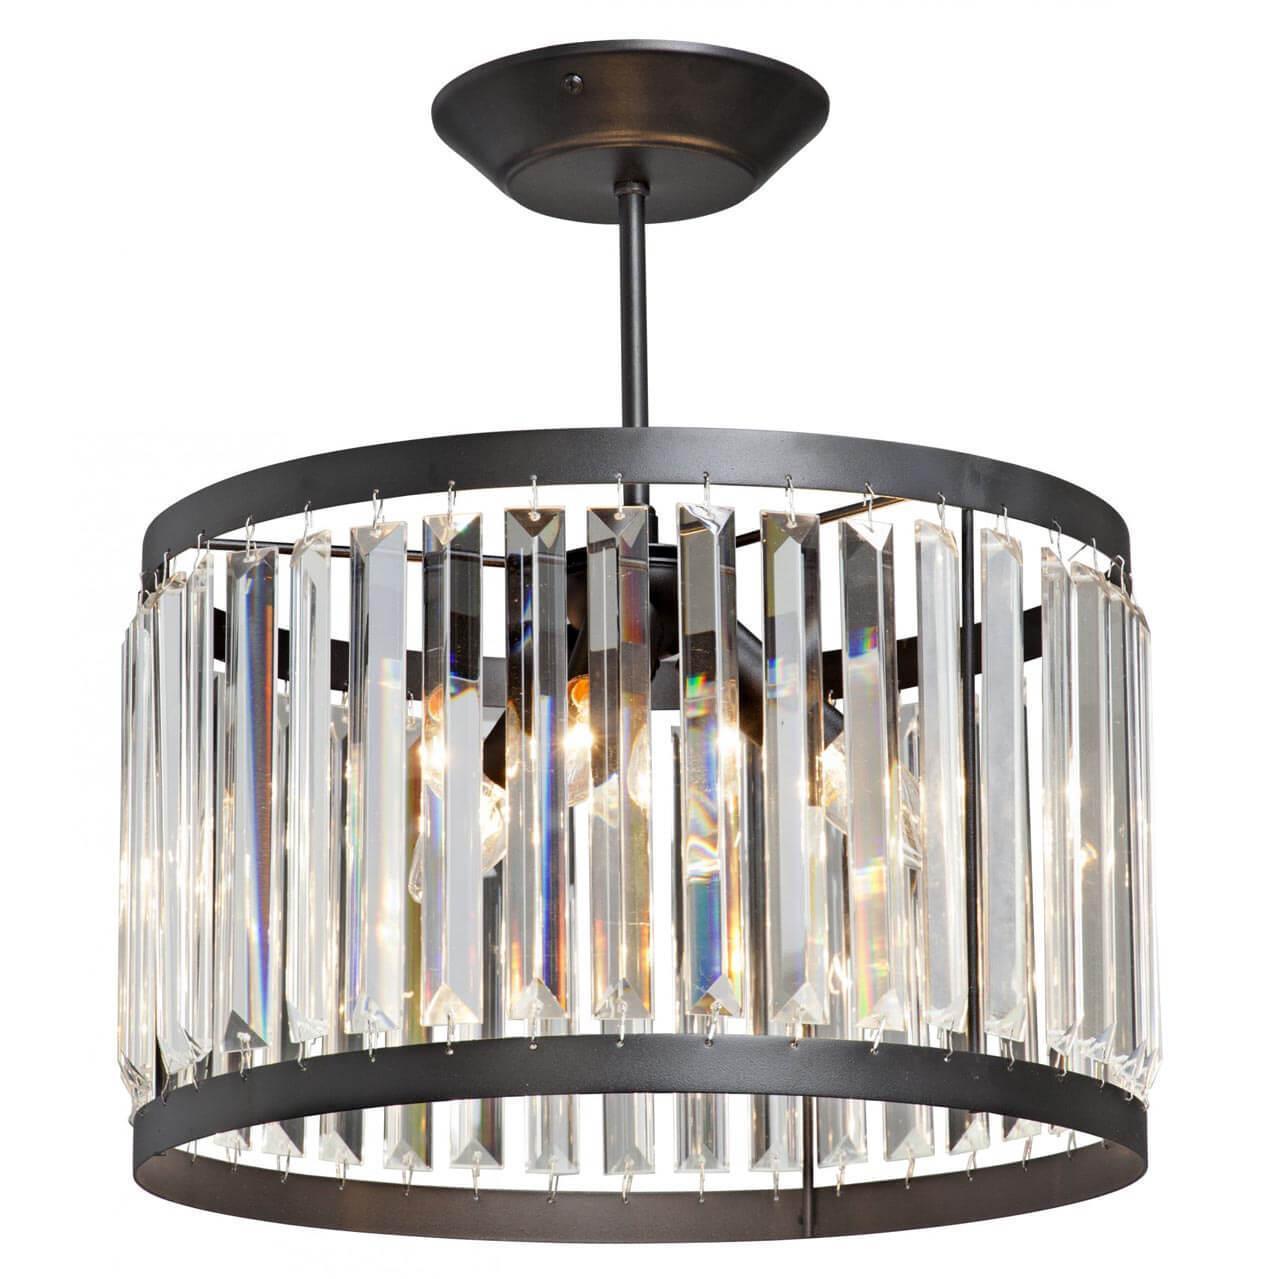 Потолочный светильник Vitaluce V5129-1/3PL, E14, 60 Вт недорго, оригинальная цена